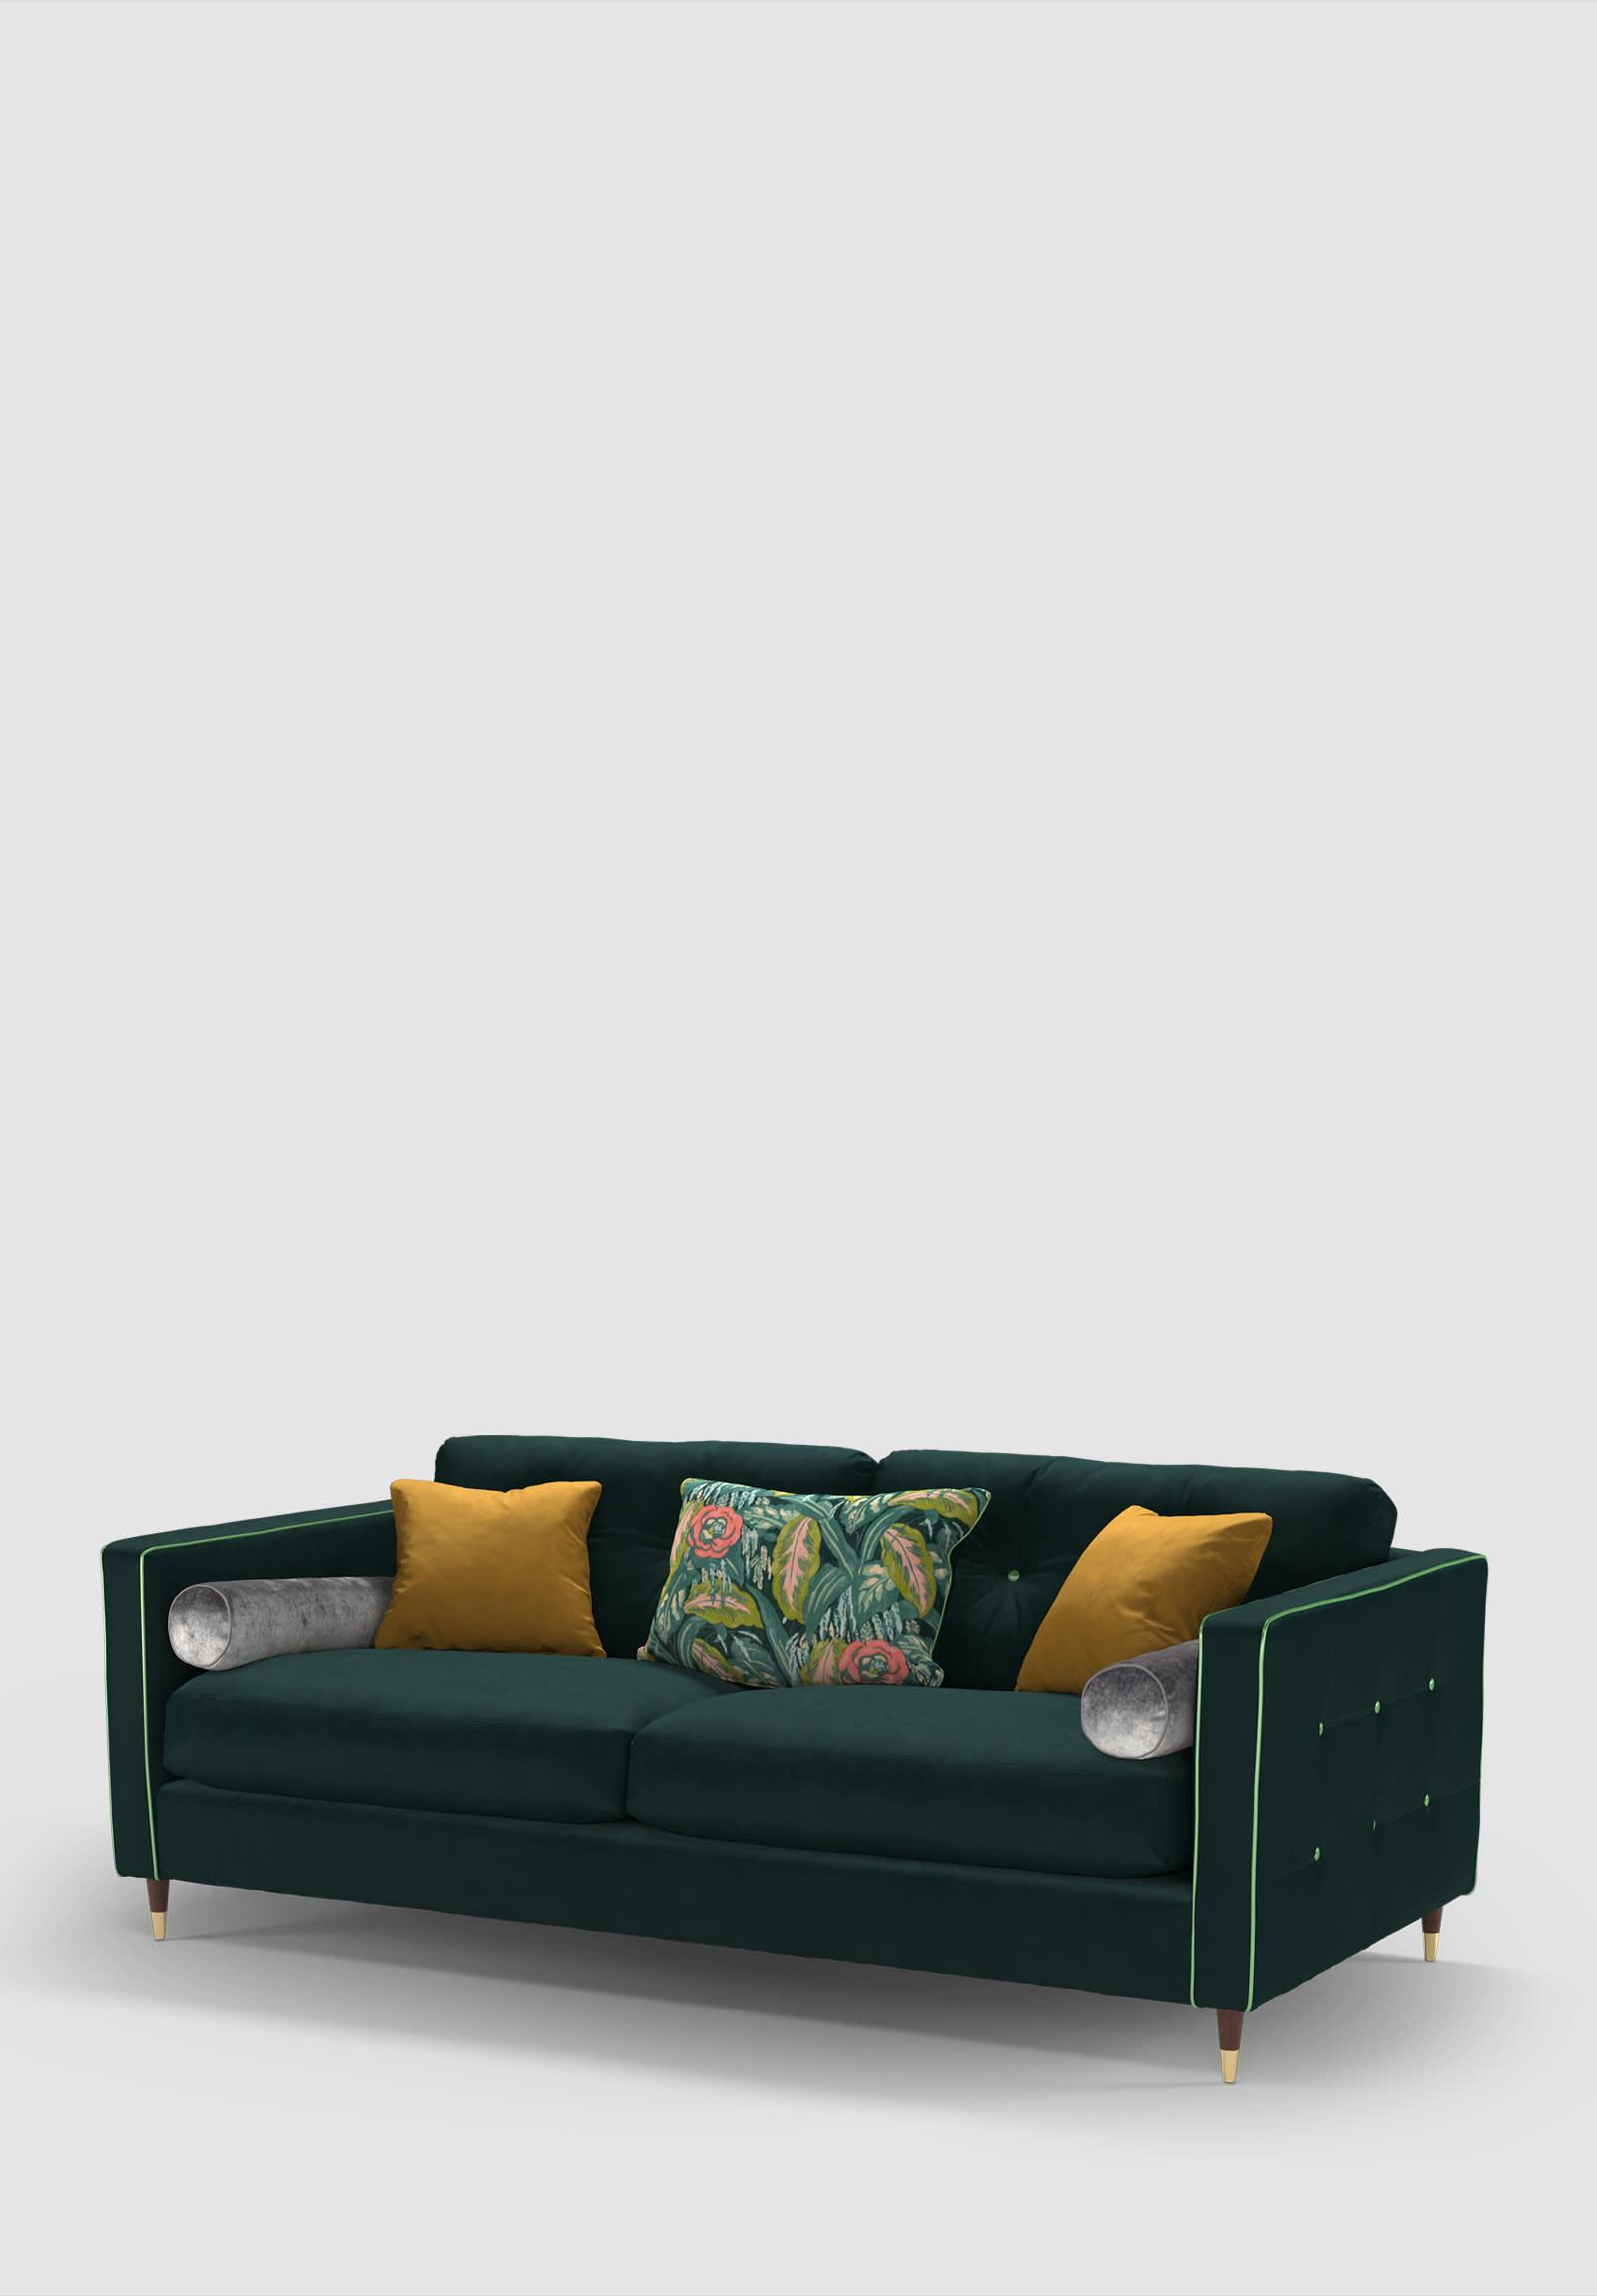 Sofology Bottle green velvet retro Clerkenwell sofa